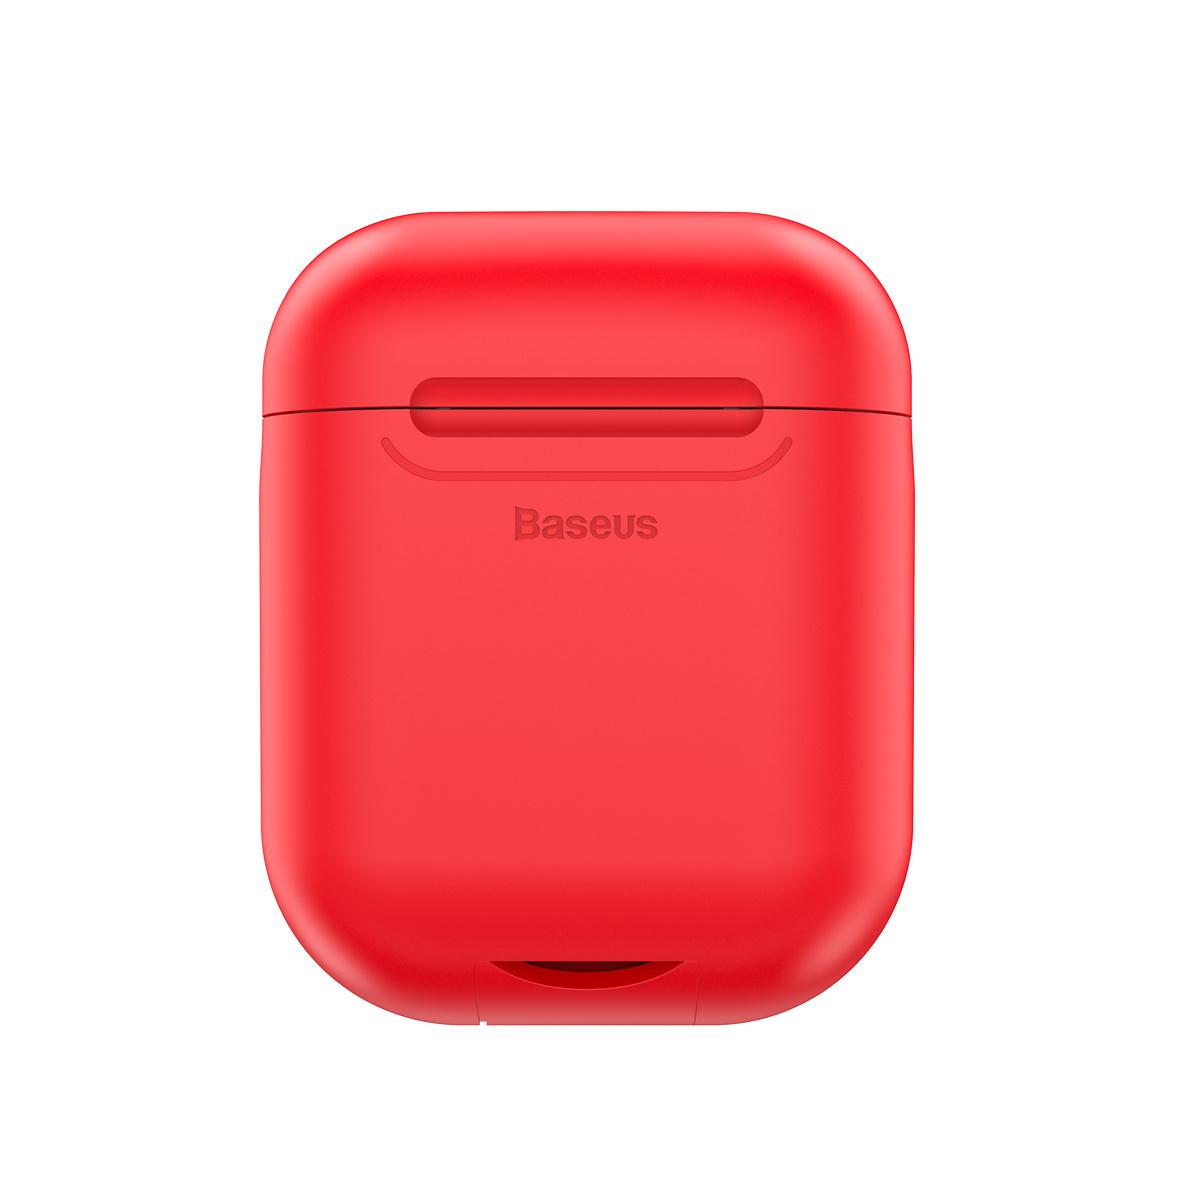 Baseus trådlöst laddningsfodral till AirPods, röd